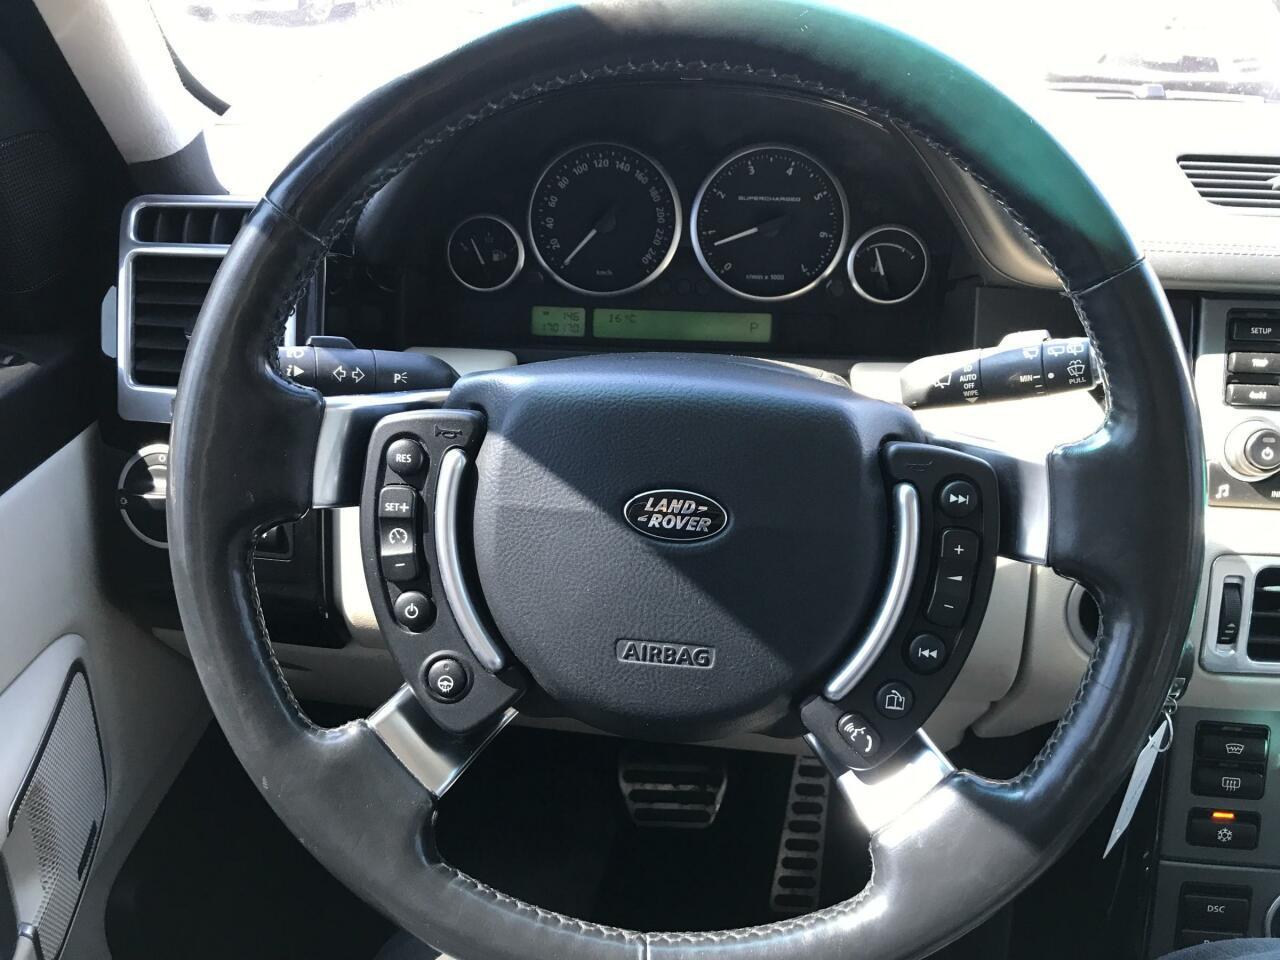 2009 Land Rover Range Rover